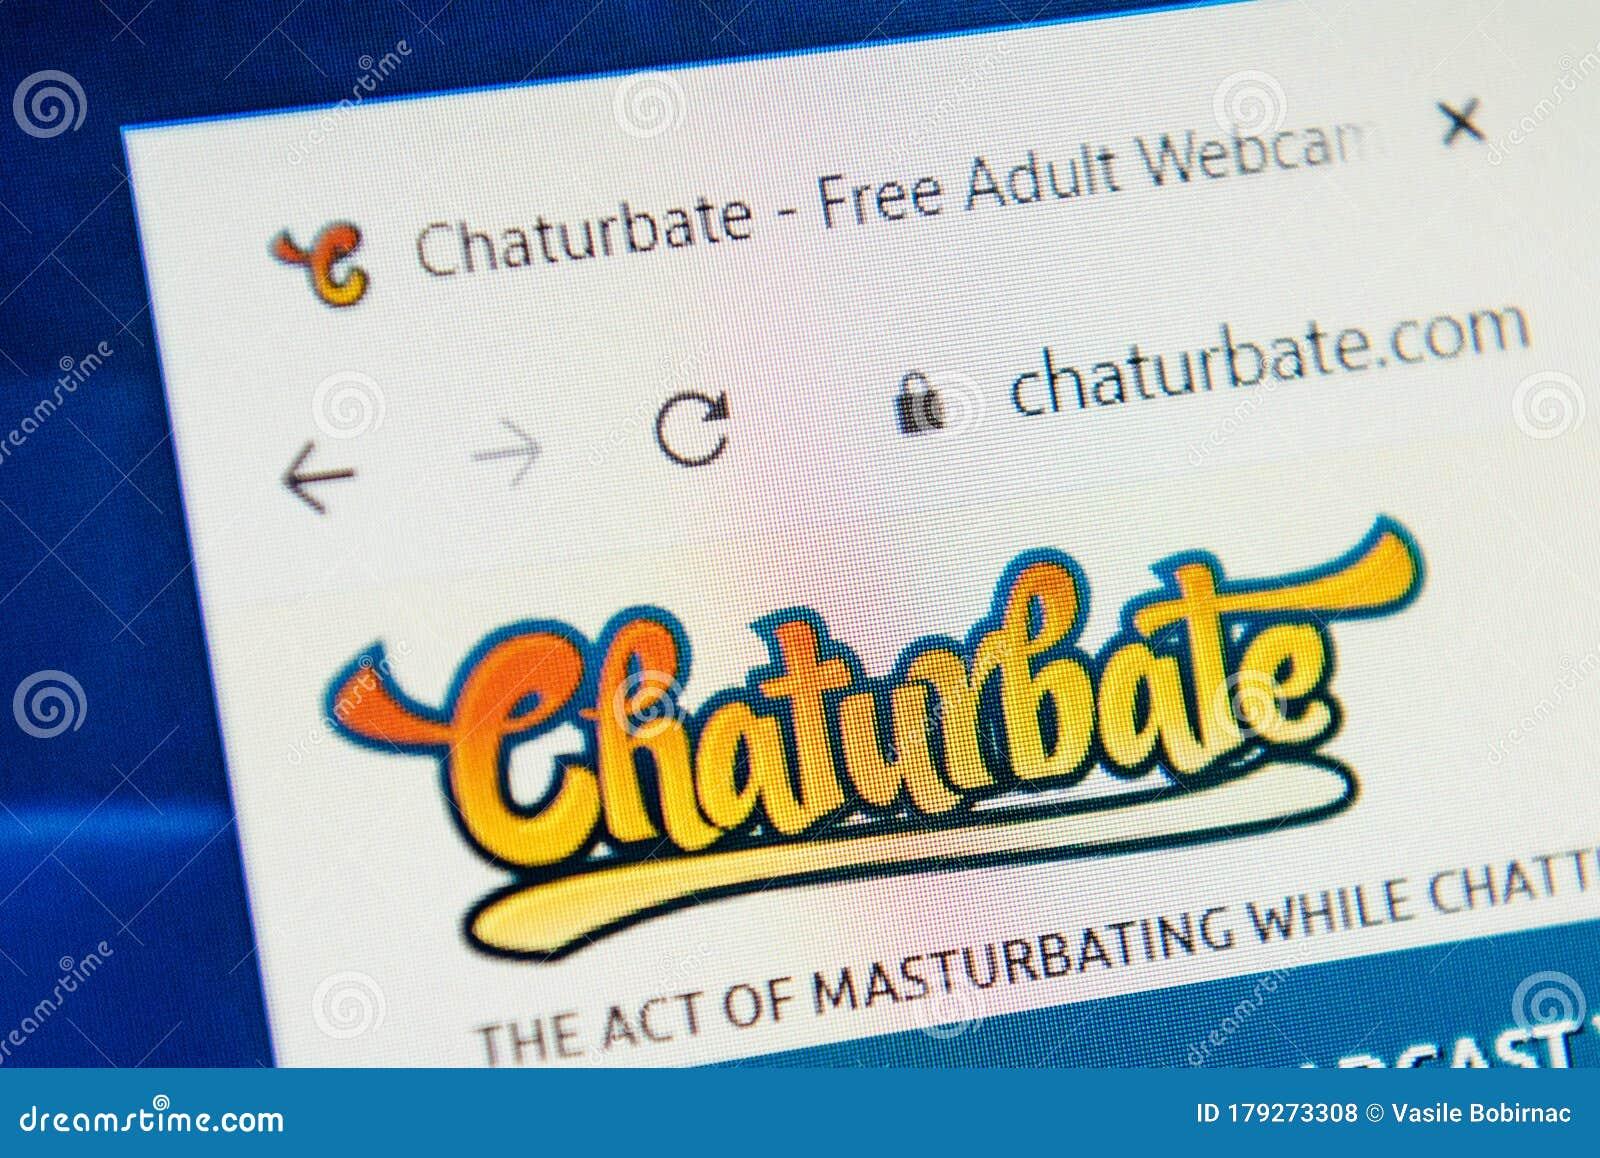 Chatturbate